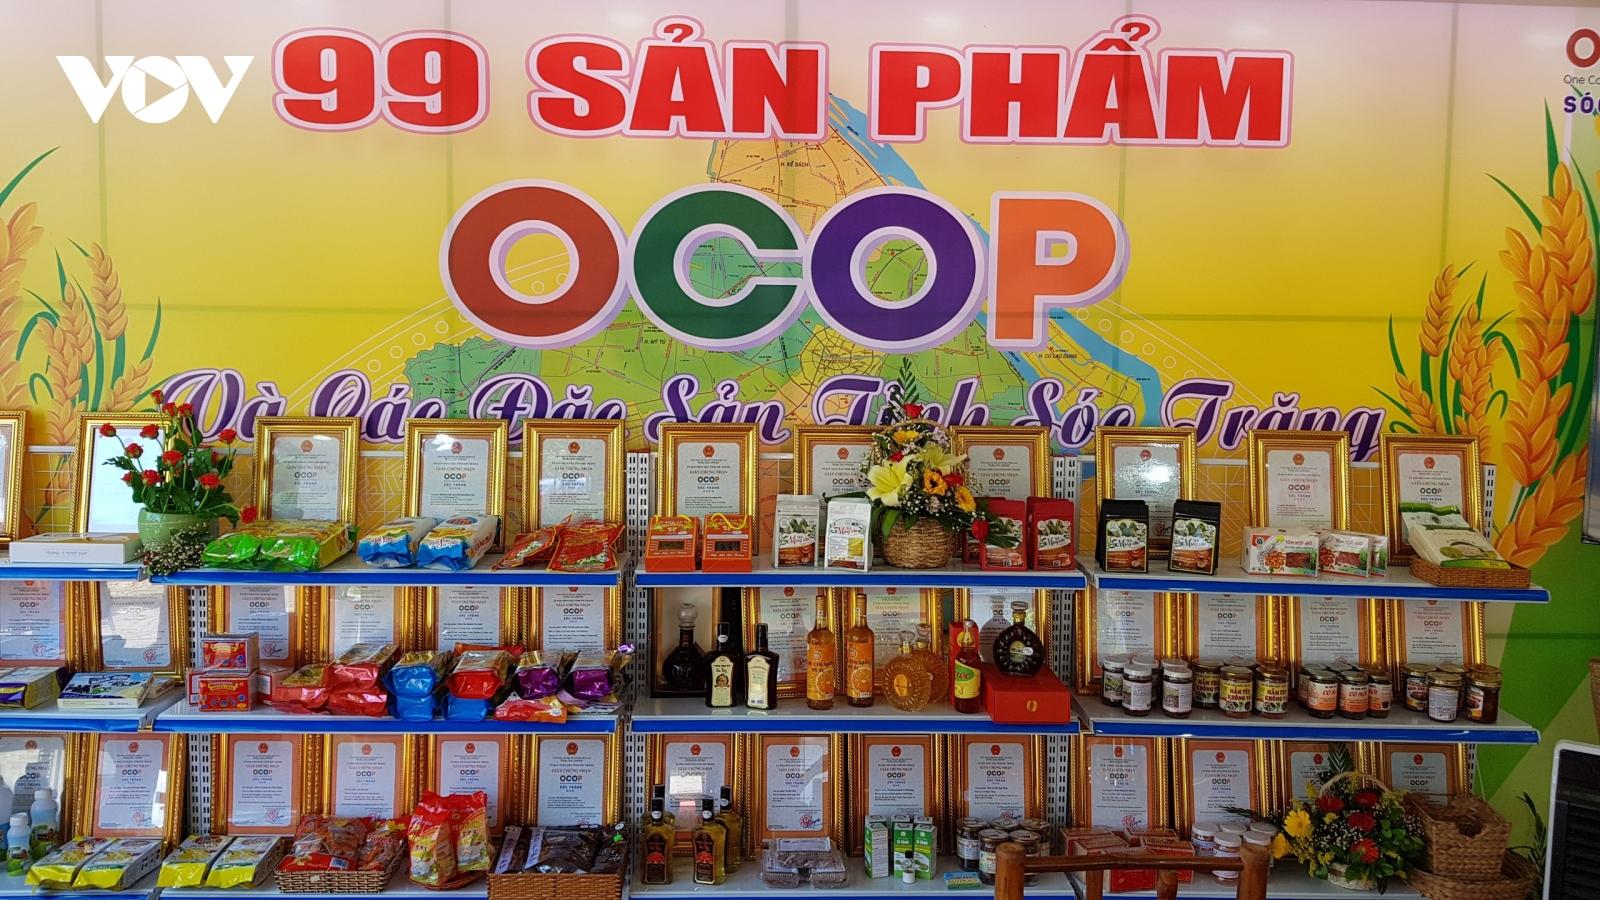 Sản phẩm OCOP mang lại nhiều lợi ích cho doanh nghiệp ĐBSCL